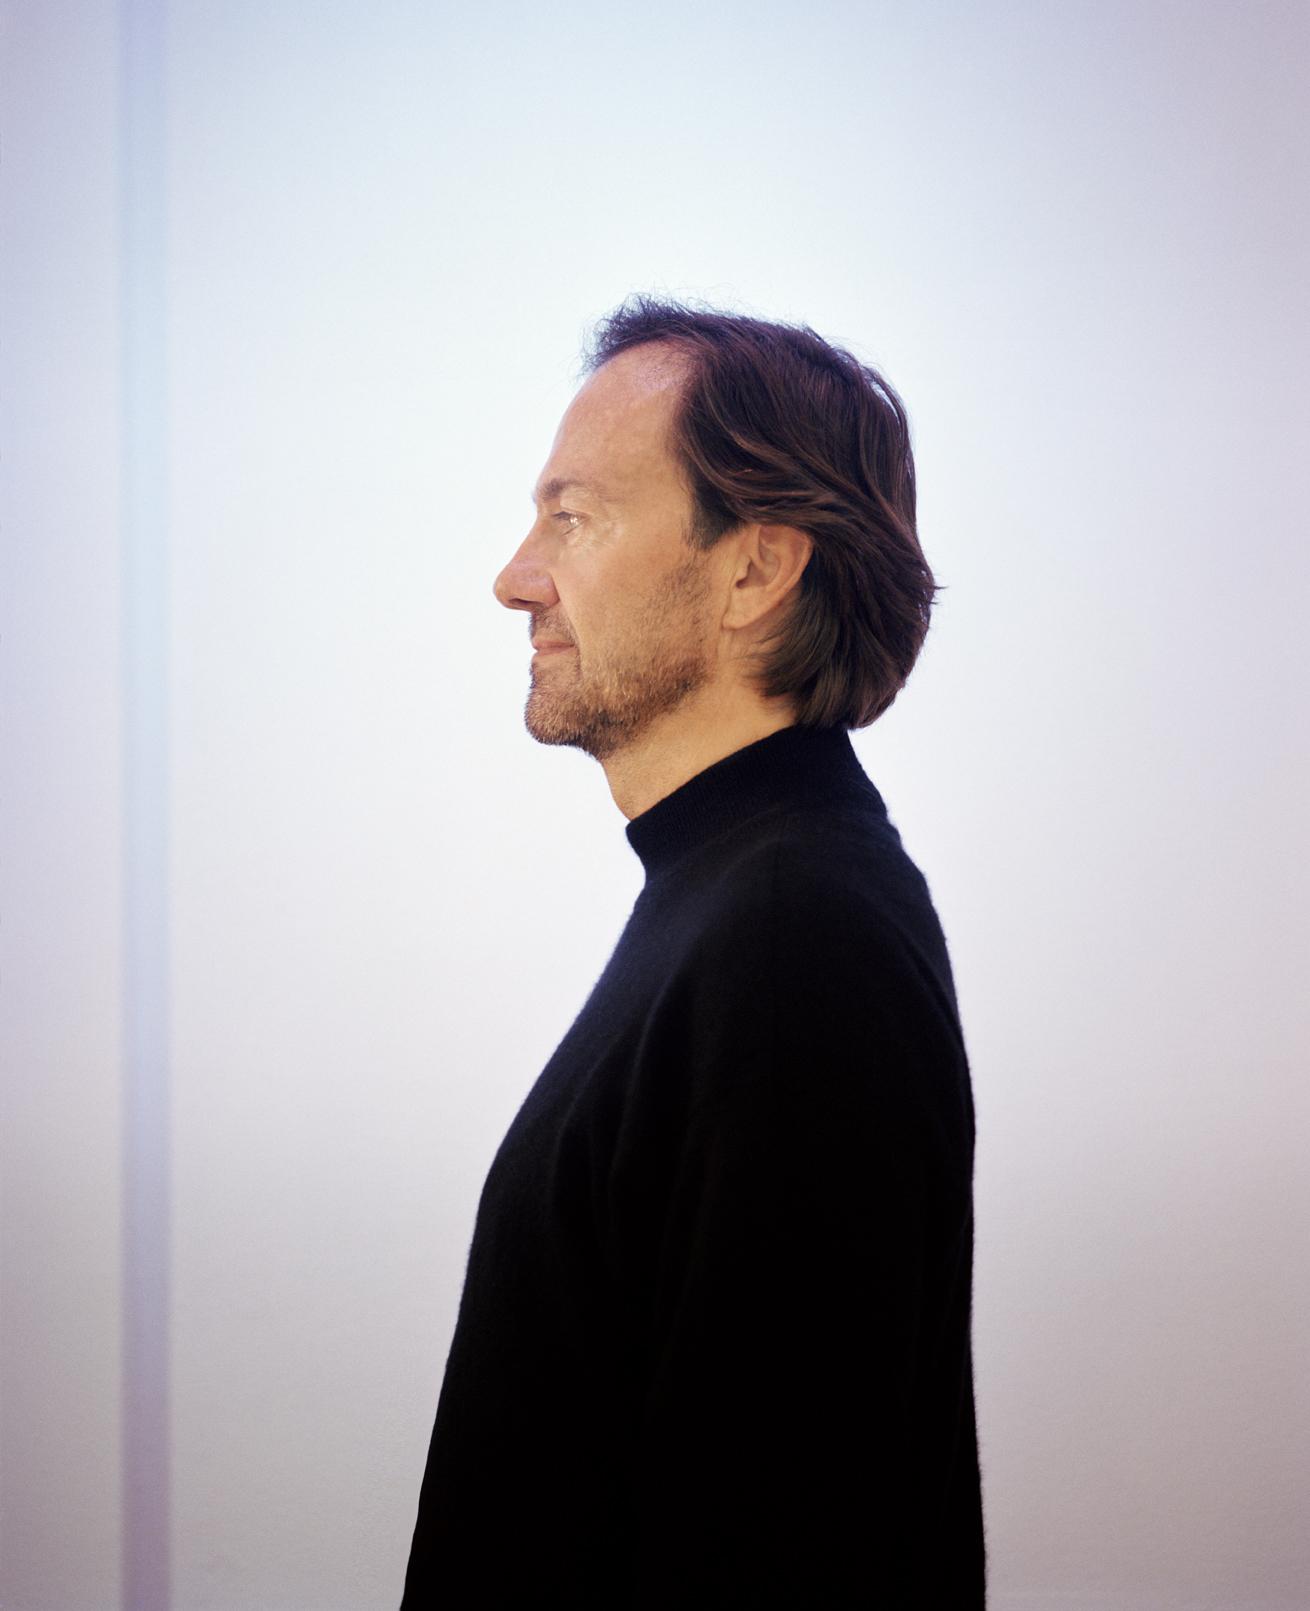 Pierre Wulff